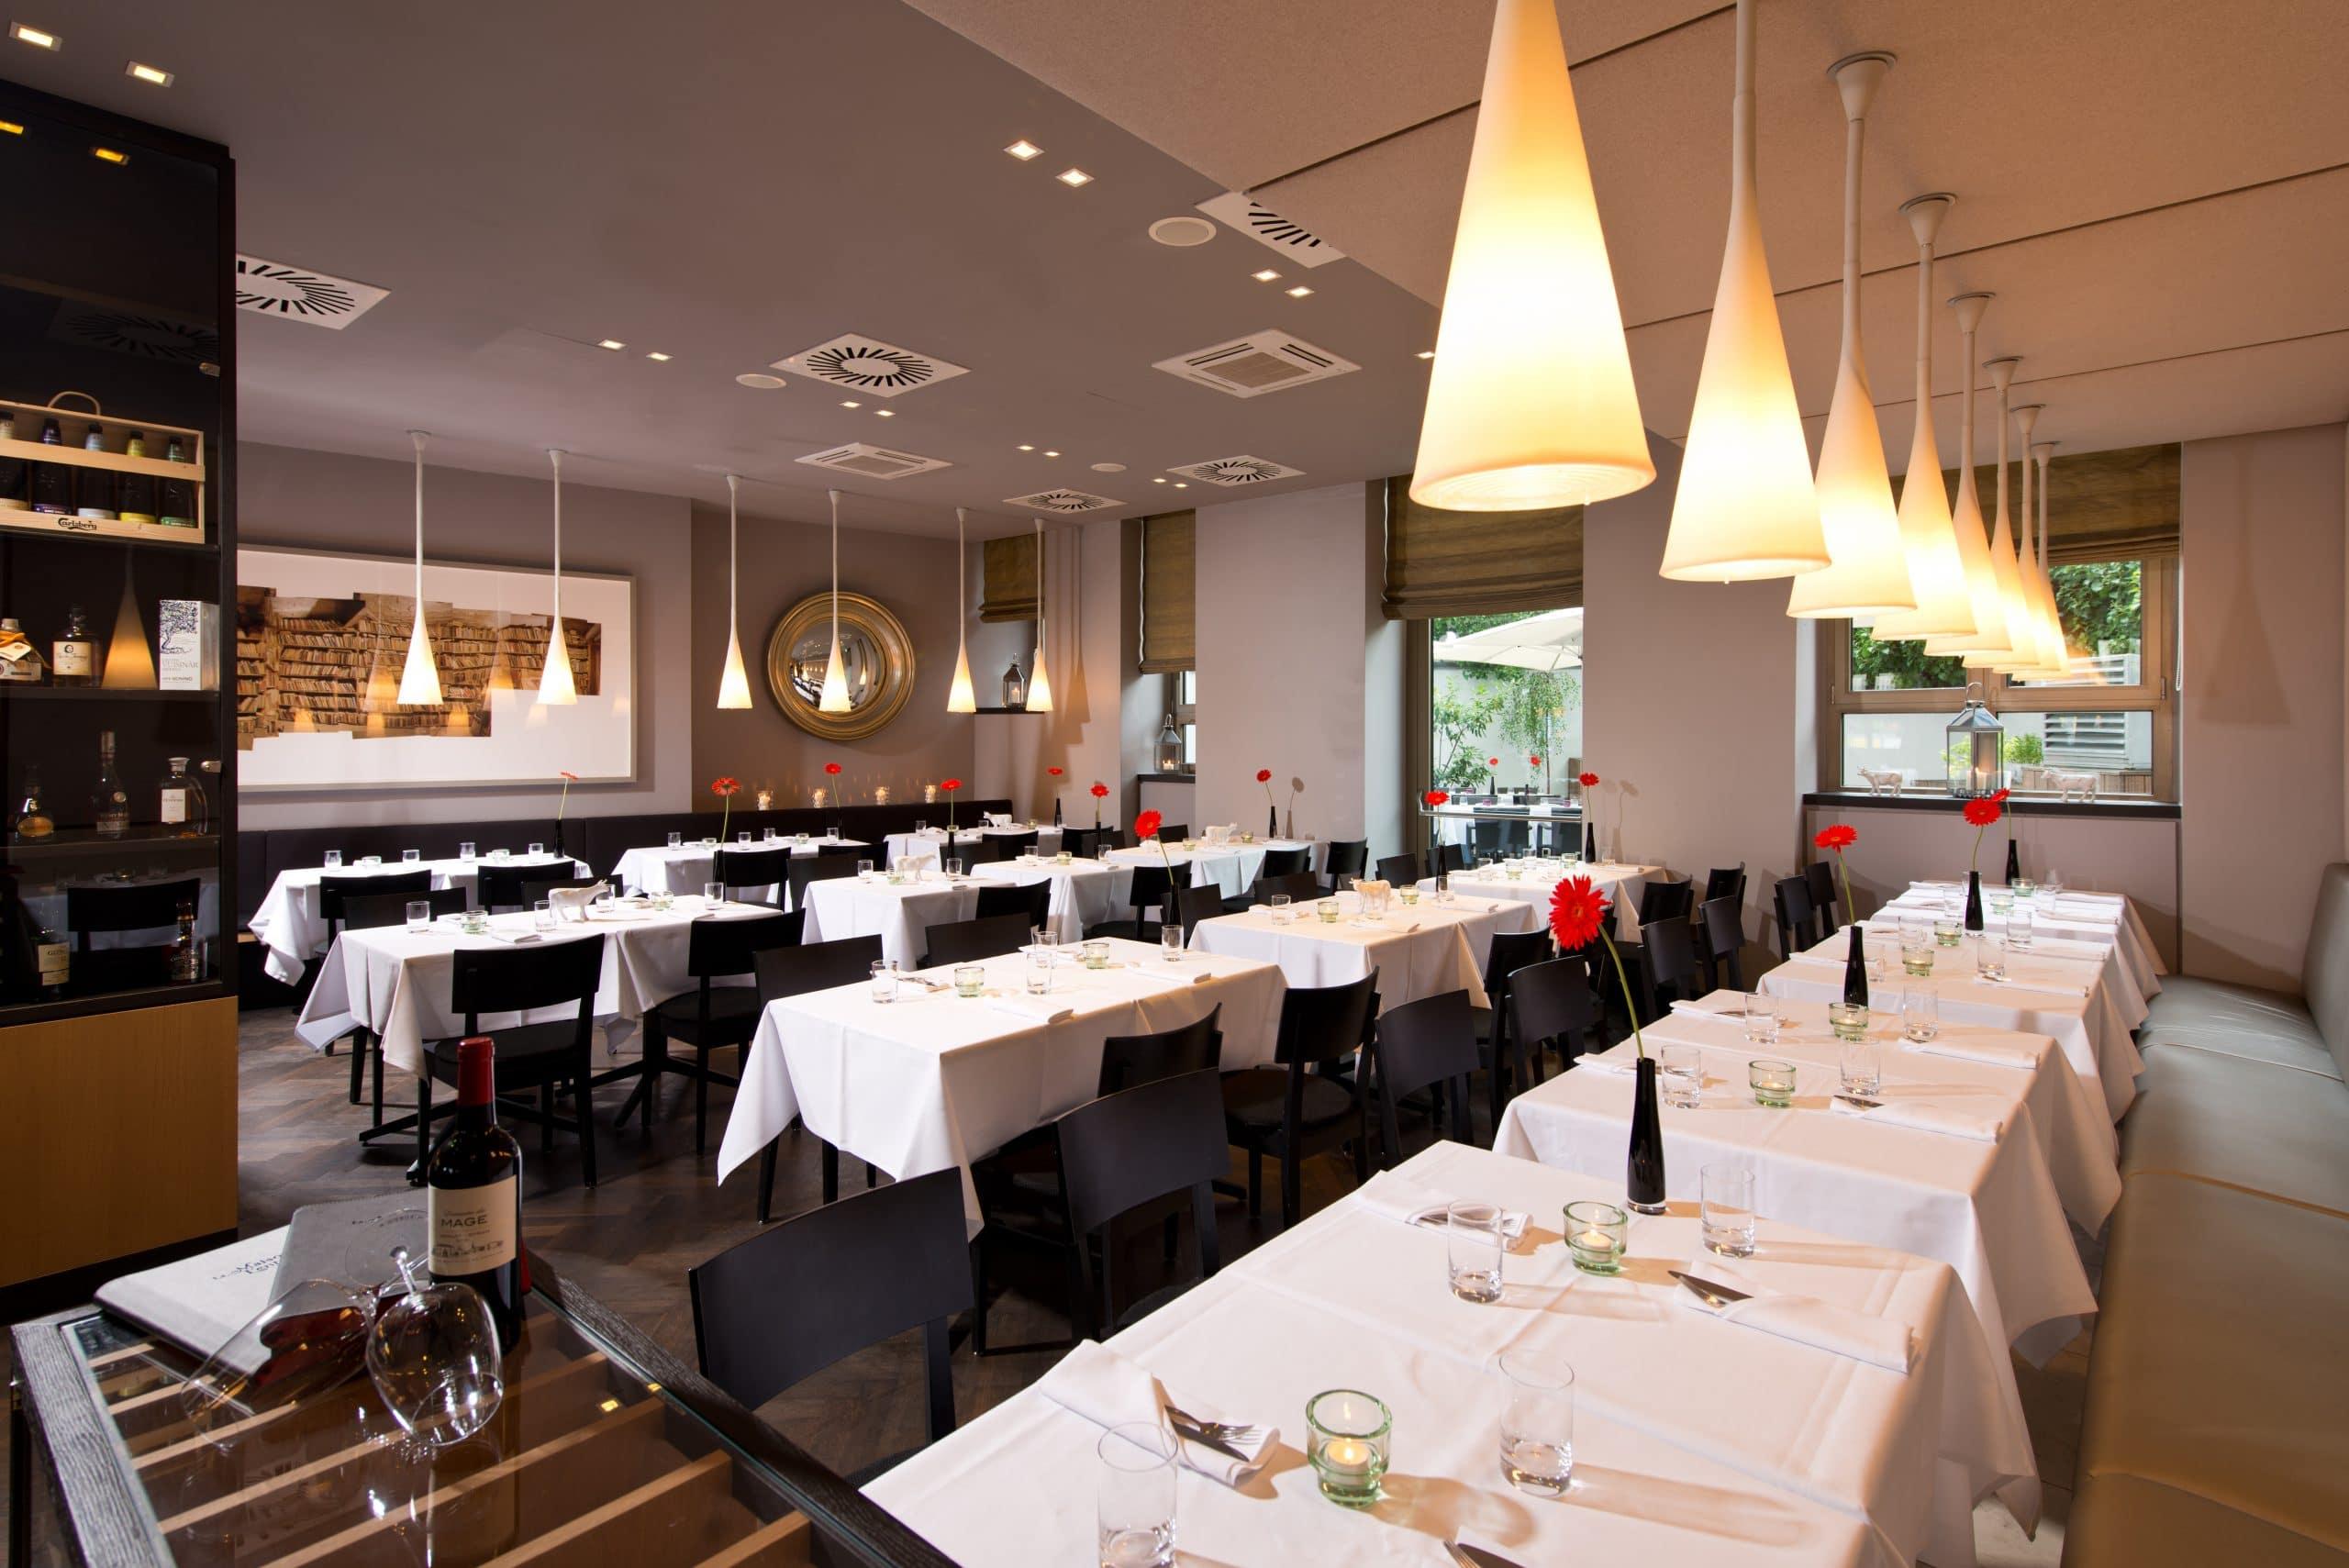 Hotel Restaurant Maison Blanche Paris France